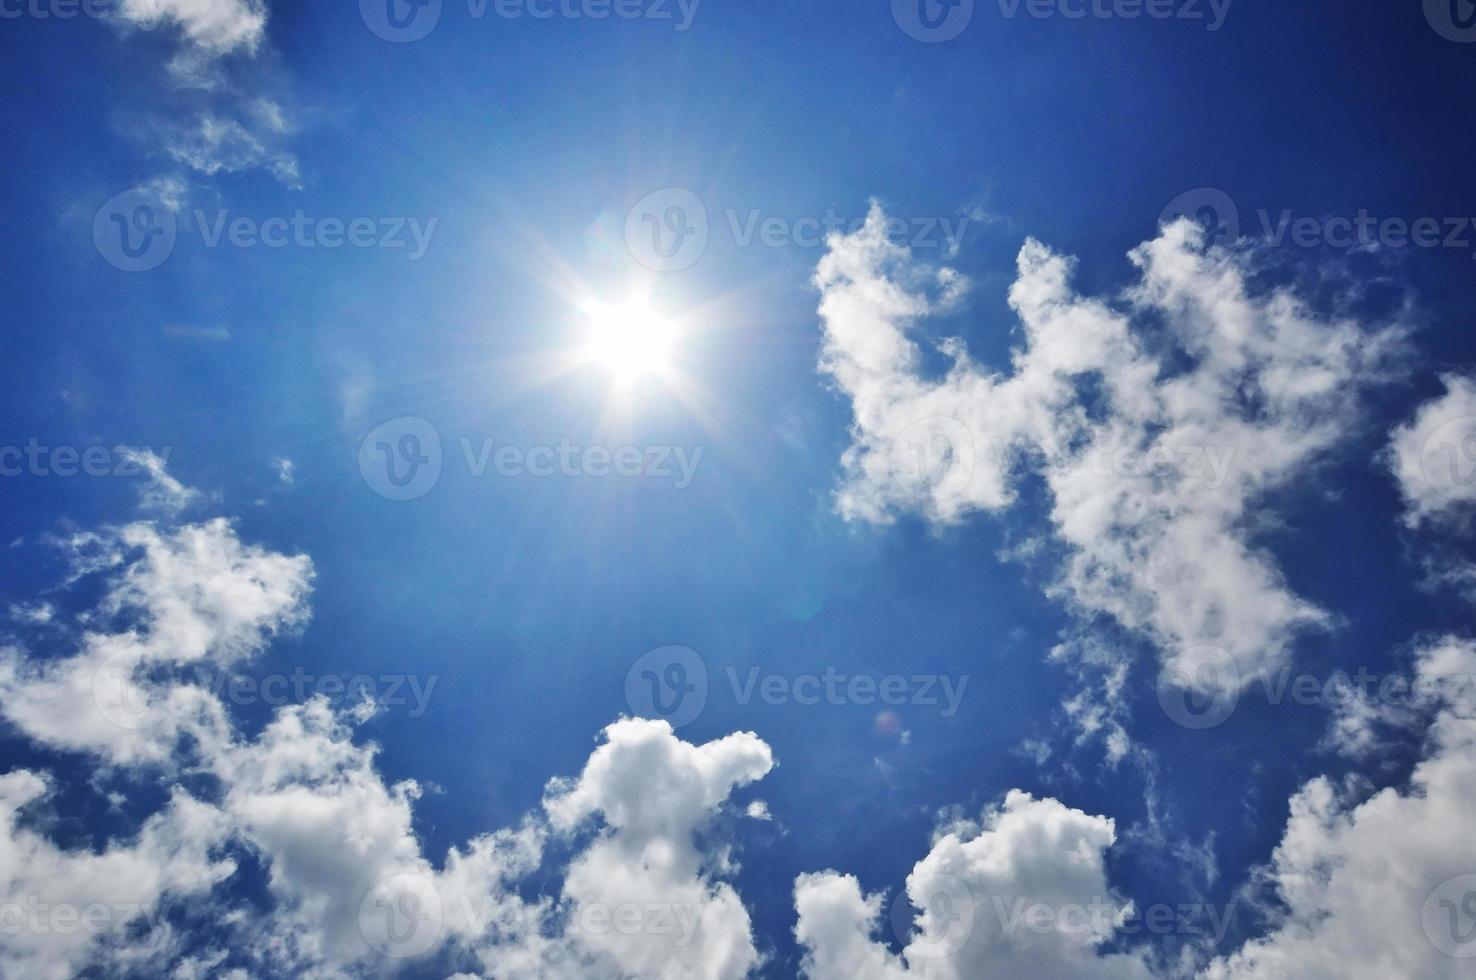 sunburst et fond de ciel bleu avec des nuages duveteux. photo